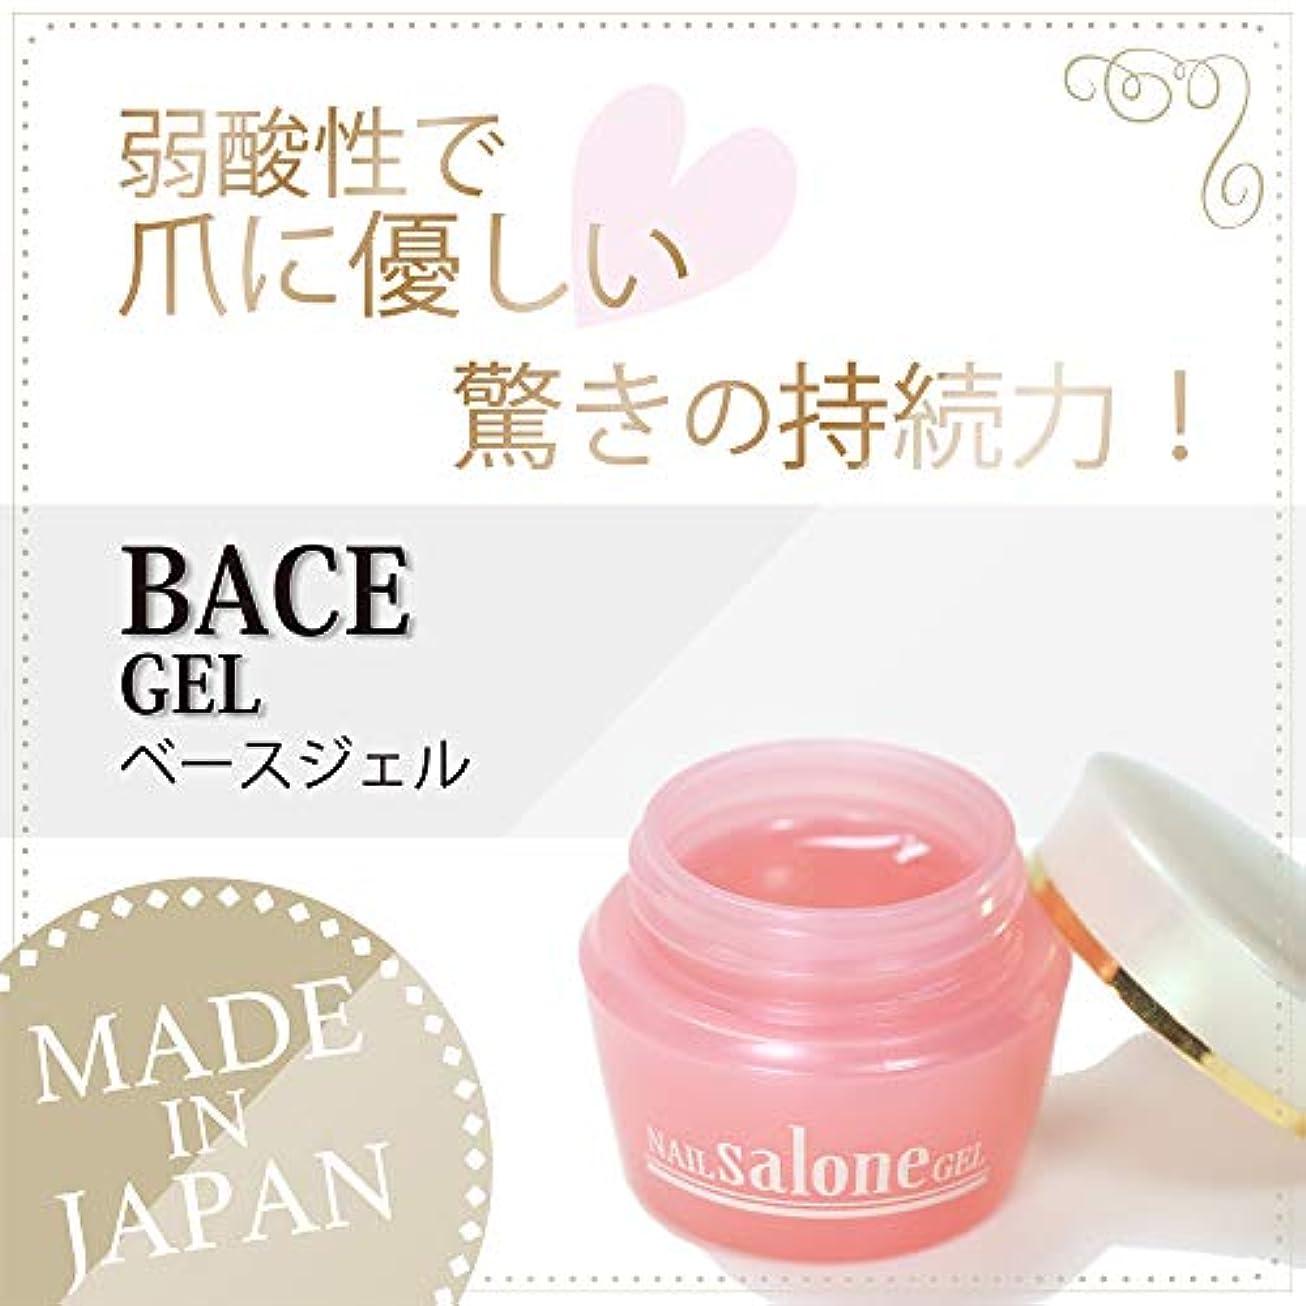 散髪責デクリメントSalone gel サローネ ベースジェル 爪に優しい 日本製 驚きの密着力 リムーバーでオフも簡単3g